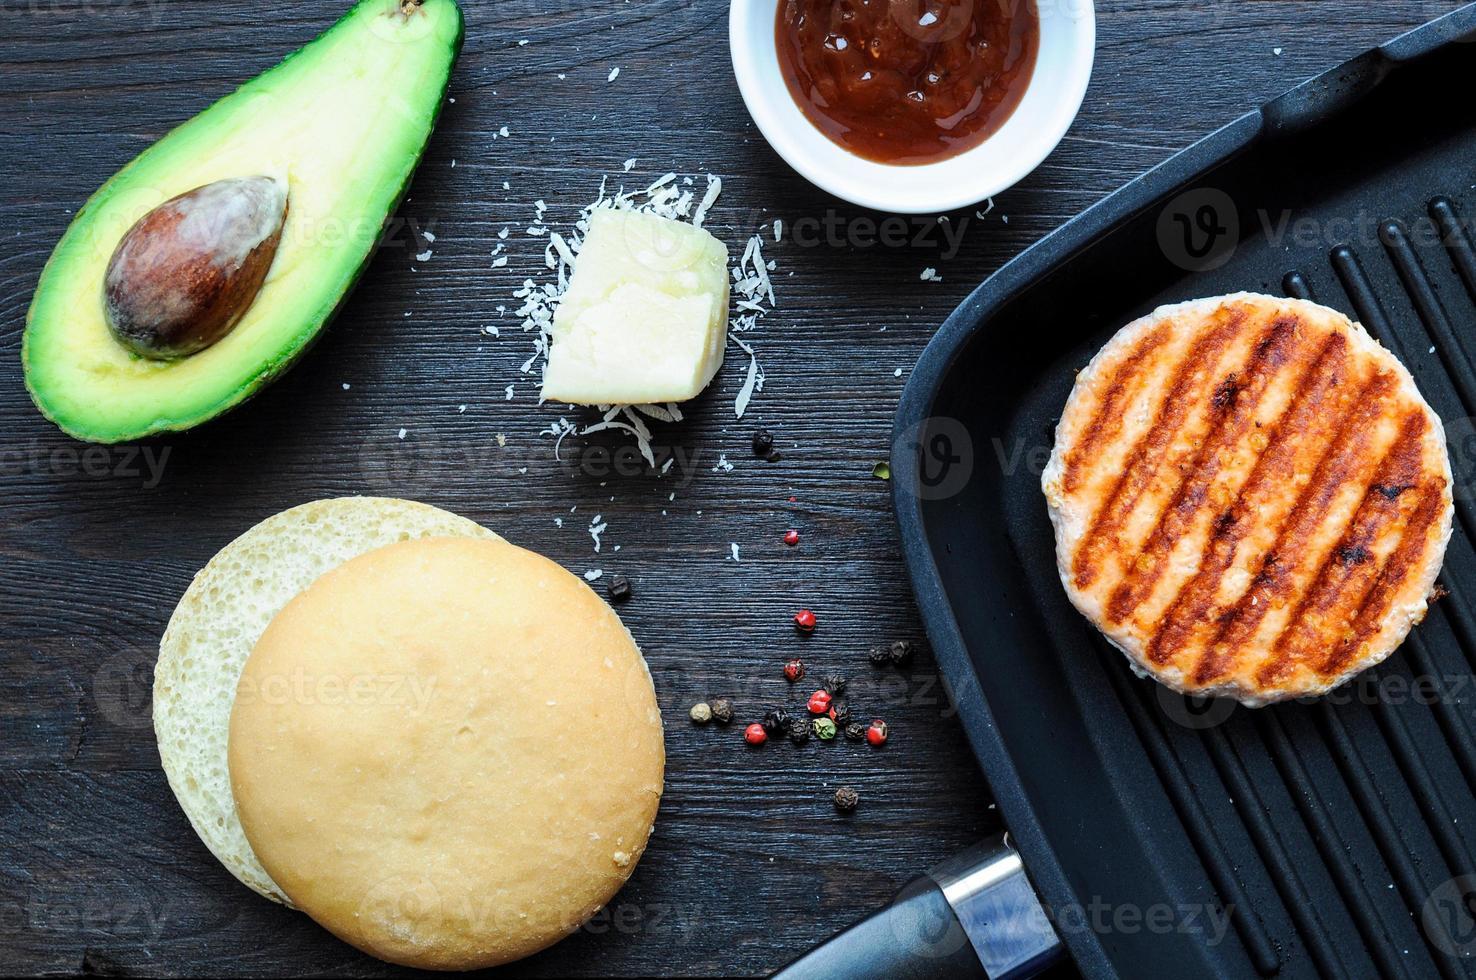 ingredienti per cucinare hamburger di pesce a casa foto